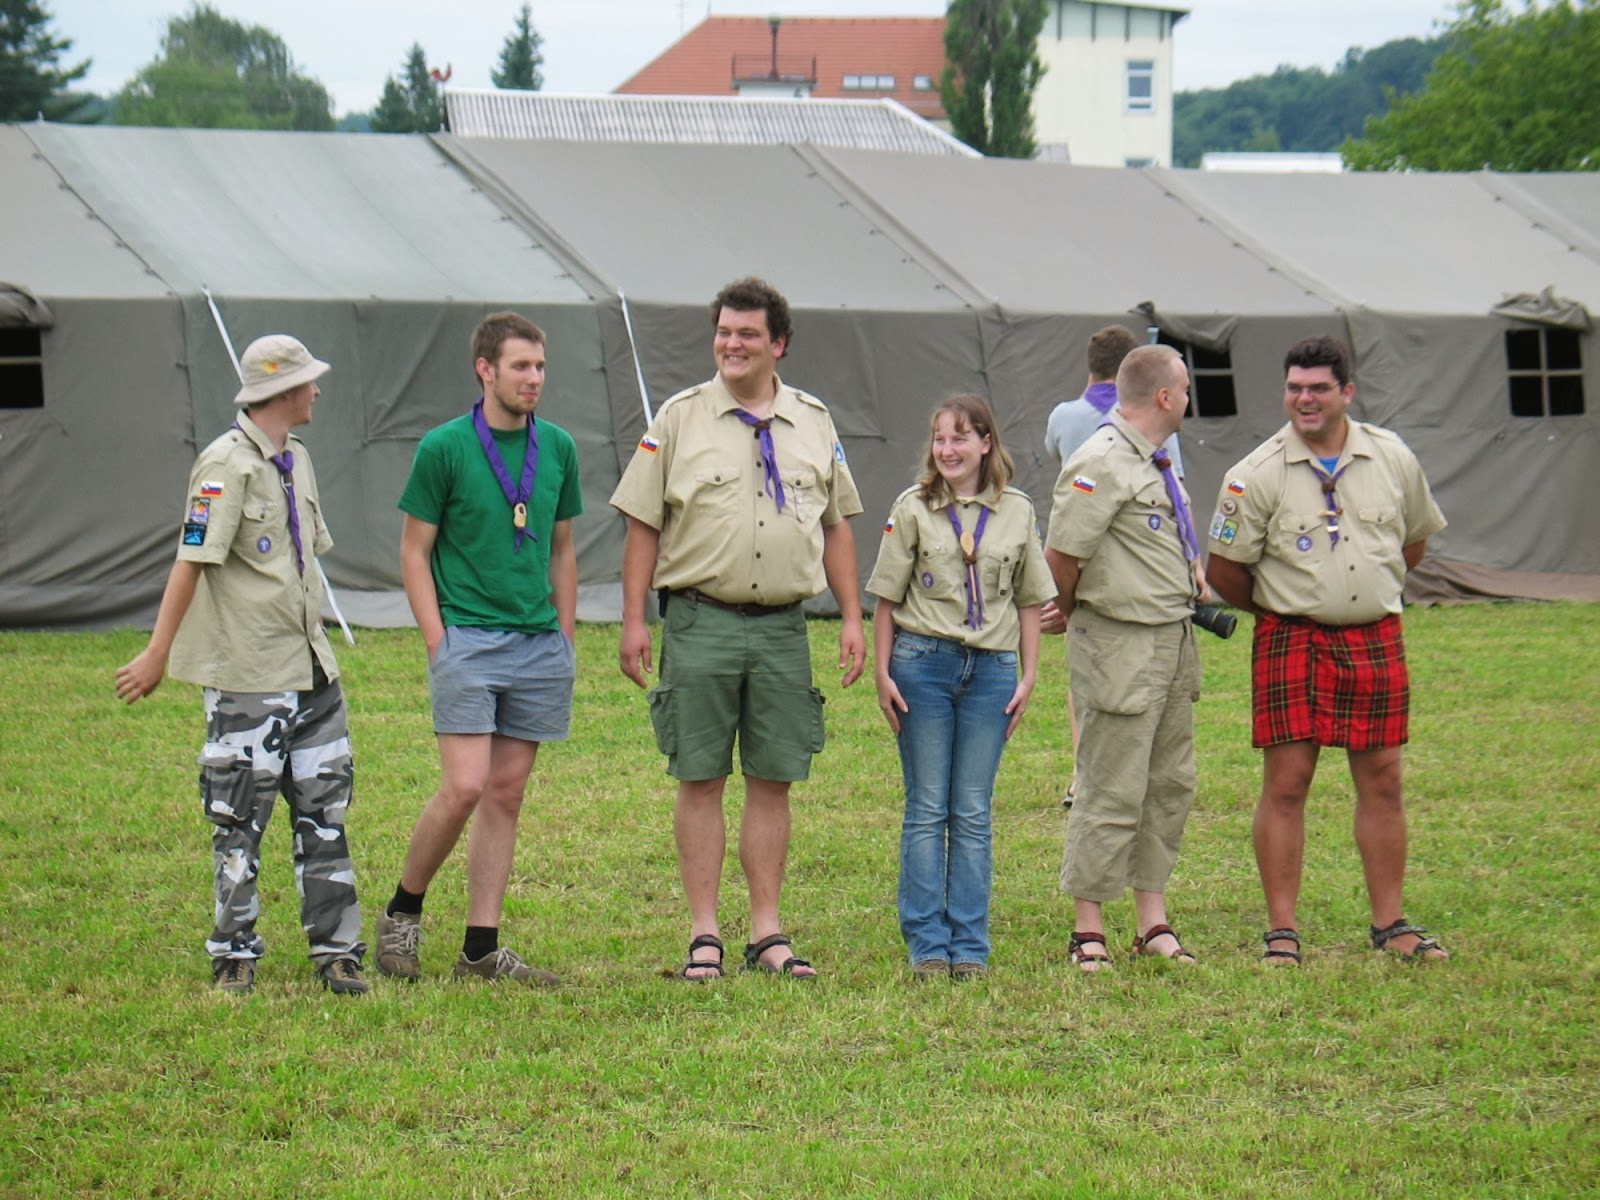 Državni mnogoboj, Slovenska Bistrica 2005 - Mnogoboj%2B2005%2B141.jpg